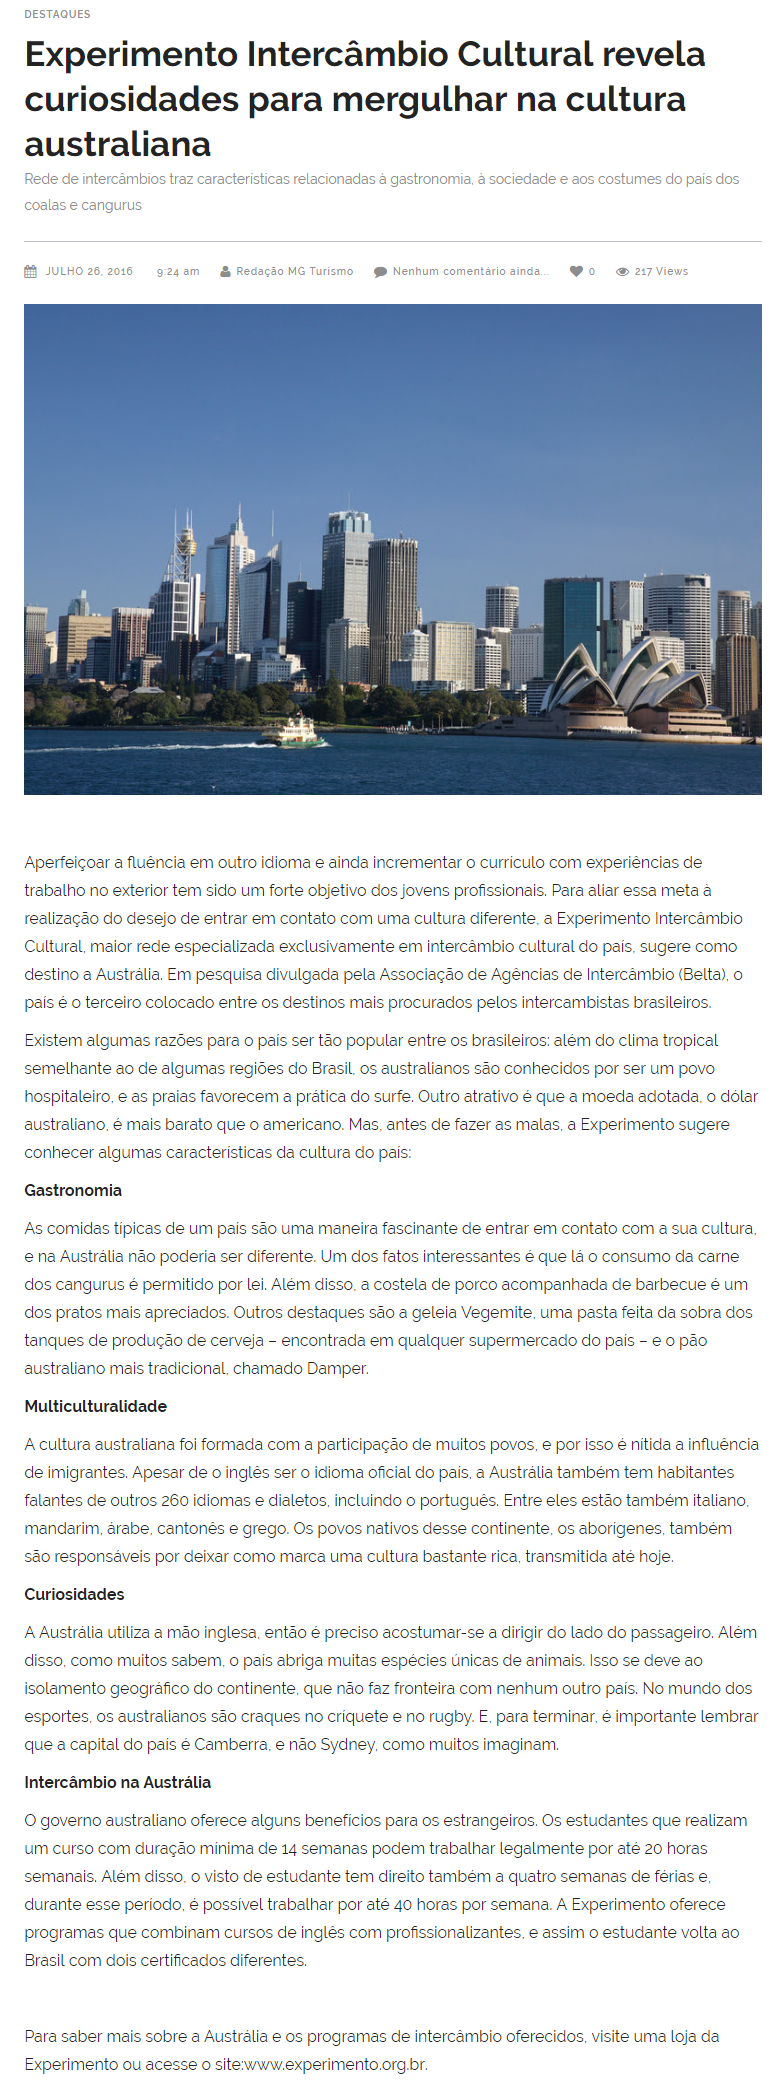 Jornal MG Turismo_260716